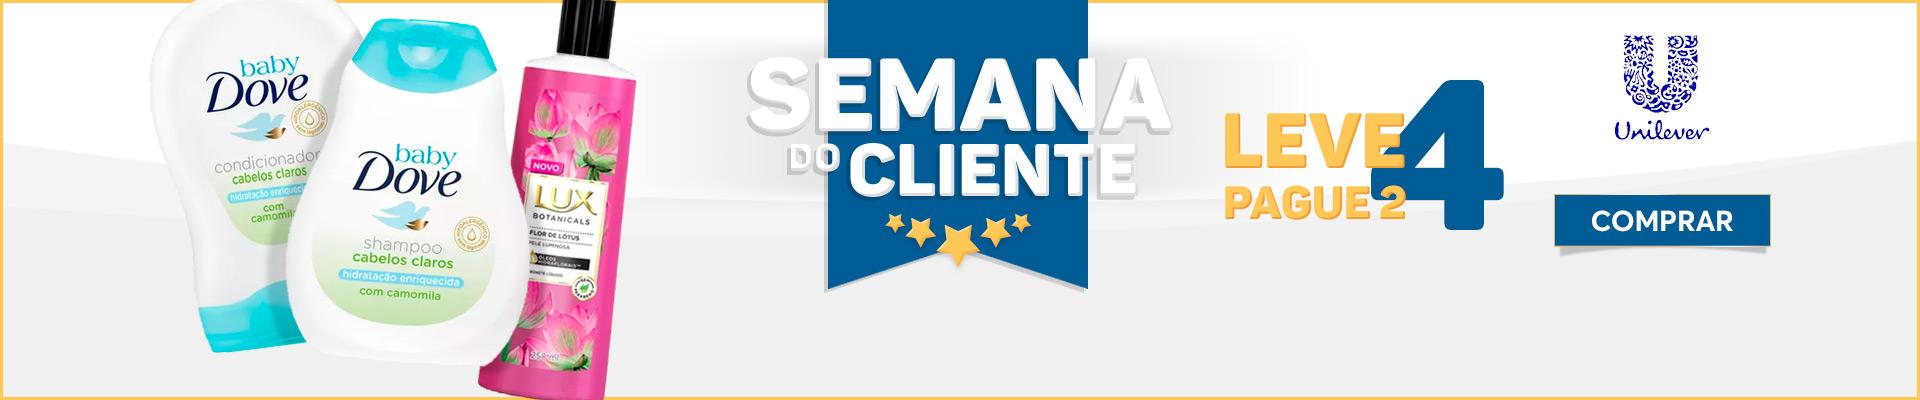 SEMANA DO CLIENTE Unilever